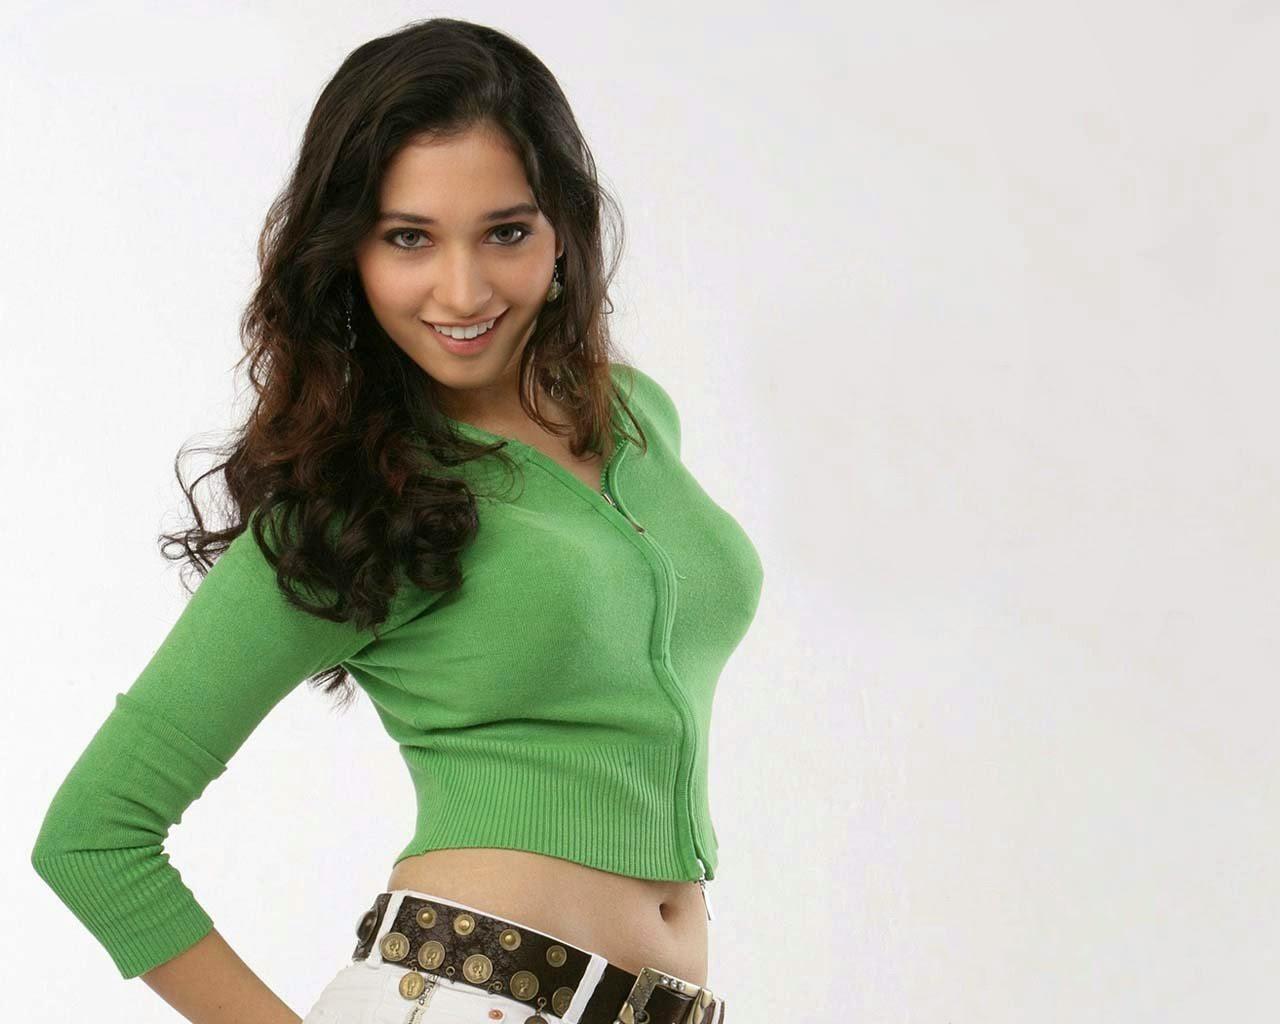 Tamanna Latest: Tamanna Bhatia - Hot HD Photos